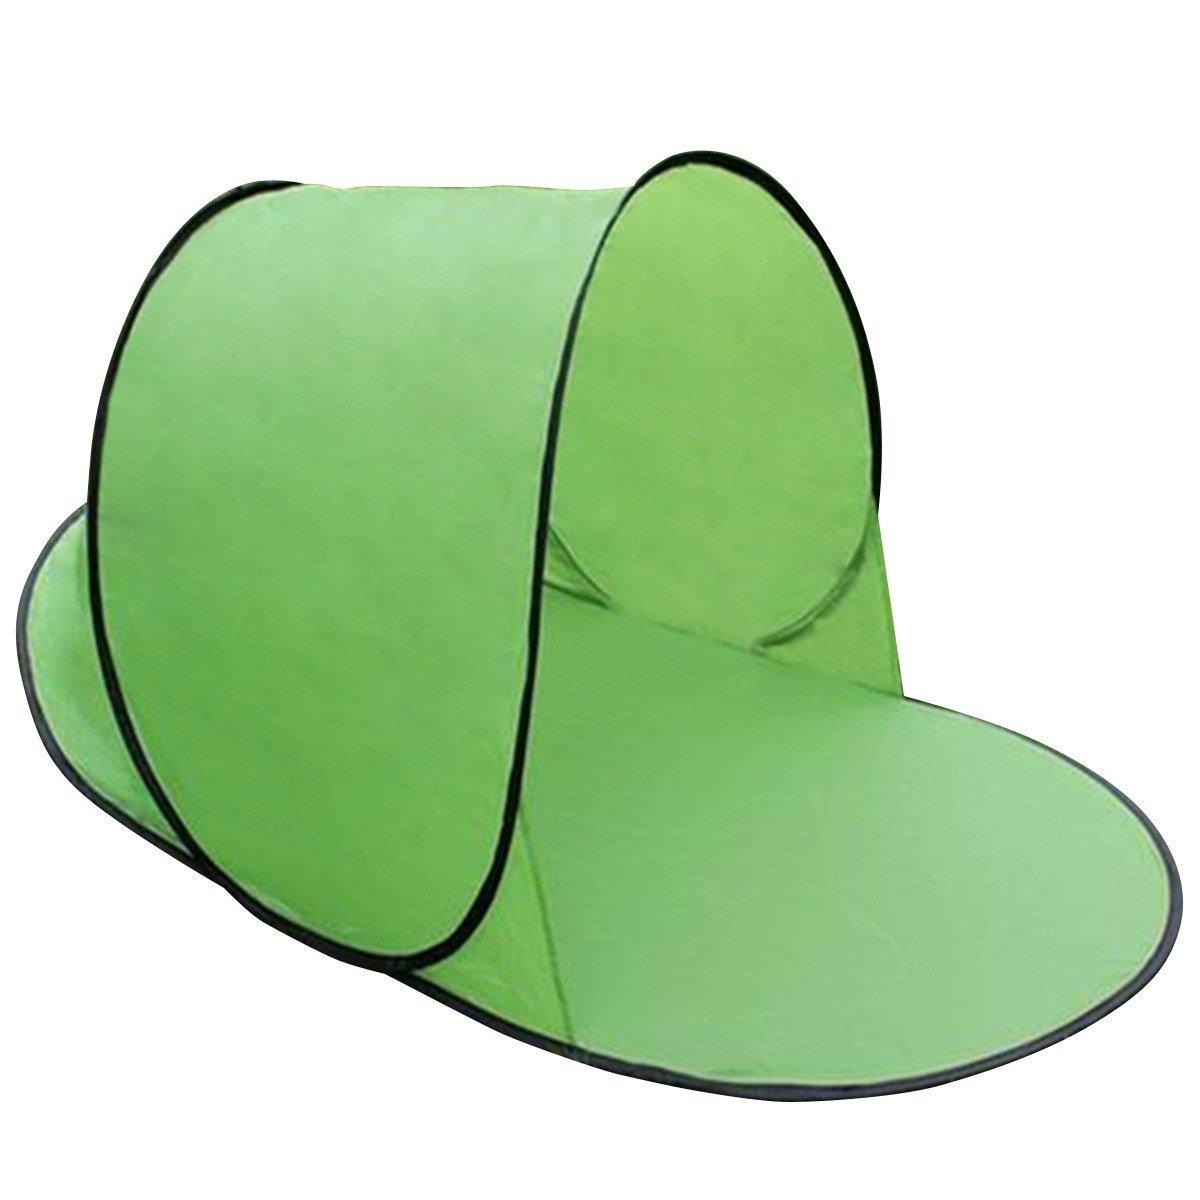 Bestwind 2 pacco, Tenda di protezione solare impermeabile esterna Tenda di protezione UV tenda completamente automatica ad apertura rapida pop-up tenda da campeggio tenda da campeggio